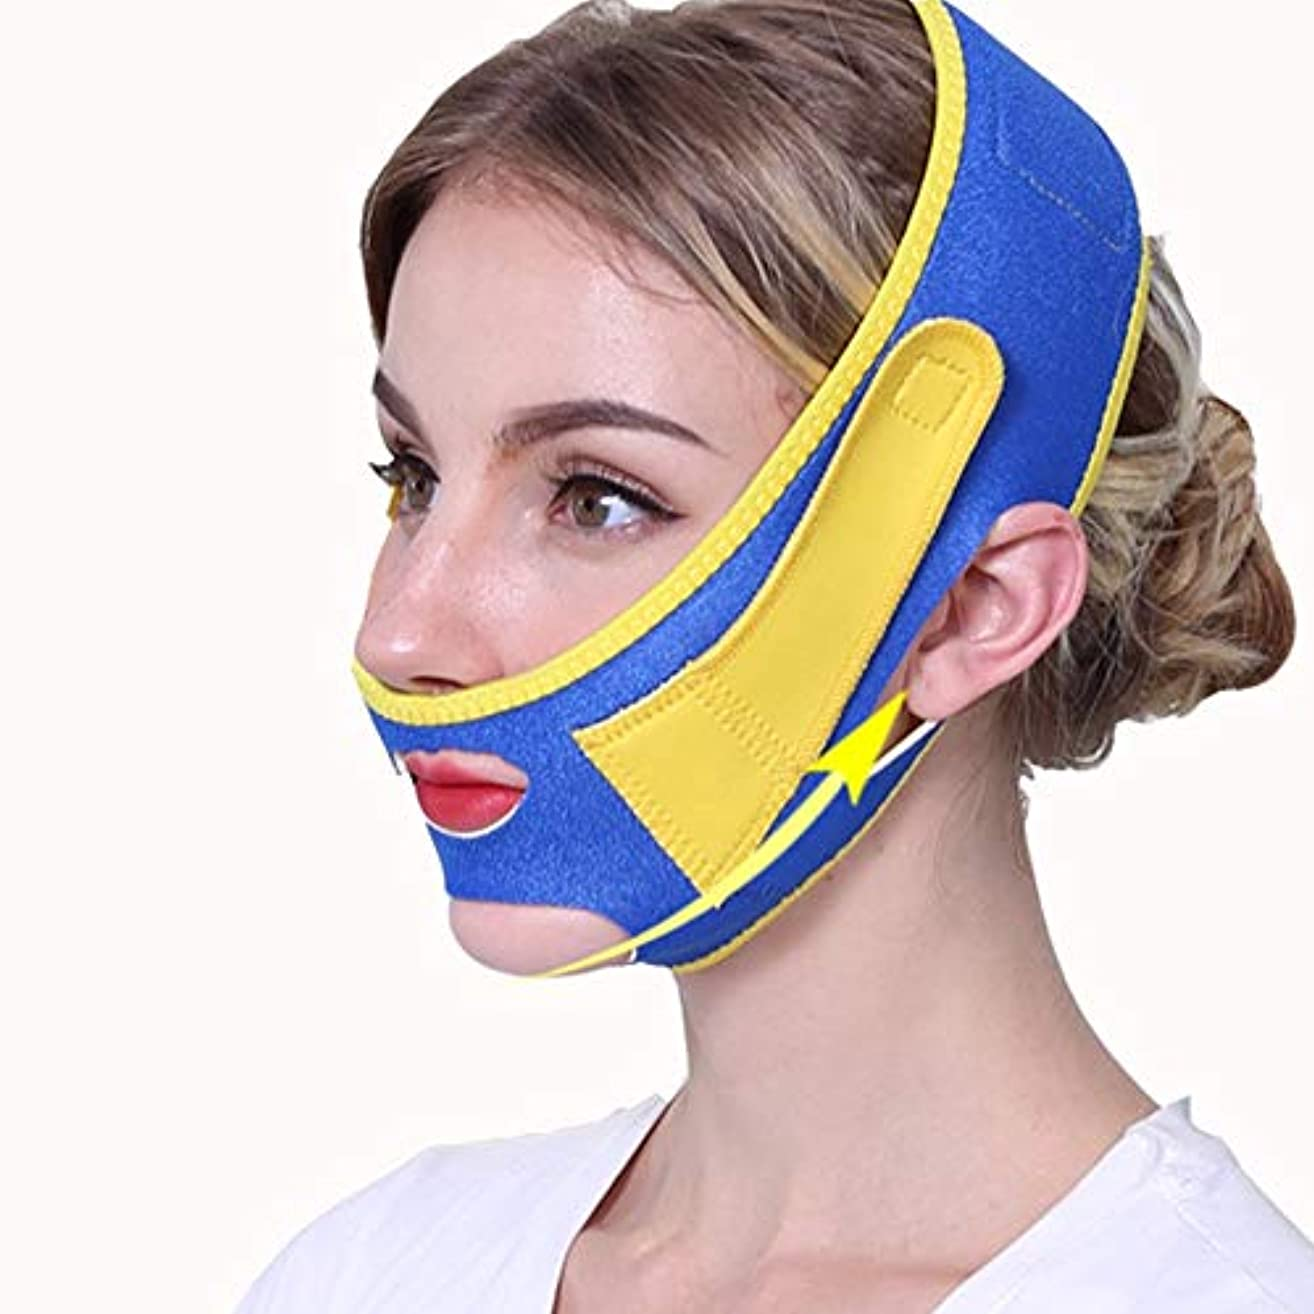 有利想像力豊かな手つかずのGYZ フェイシャルリフティング痩身ベルトフェイス包帯マスク整形マスクフェイスベルトを引き締める薄型フェイス包帯整形マスクフェイスと首の顔を引き締めスリム Thin Face Belt